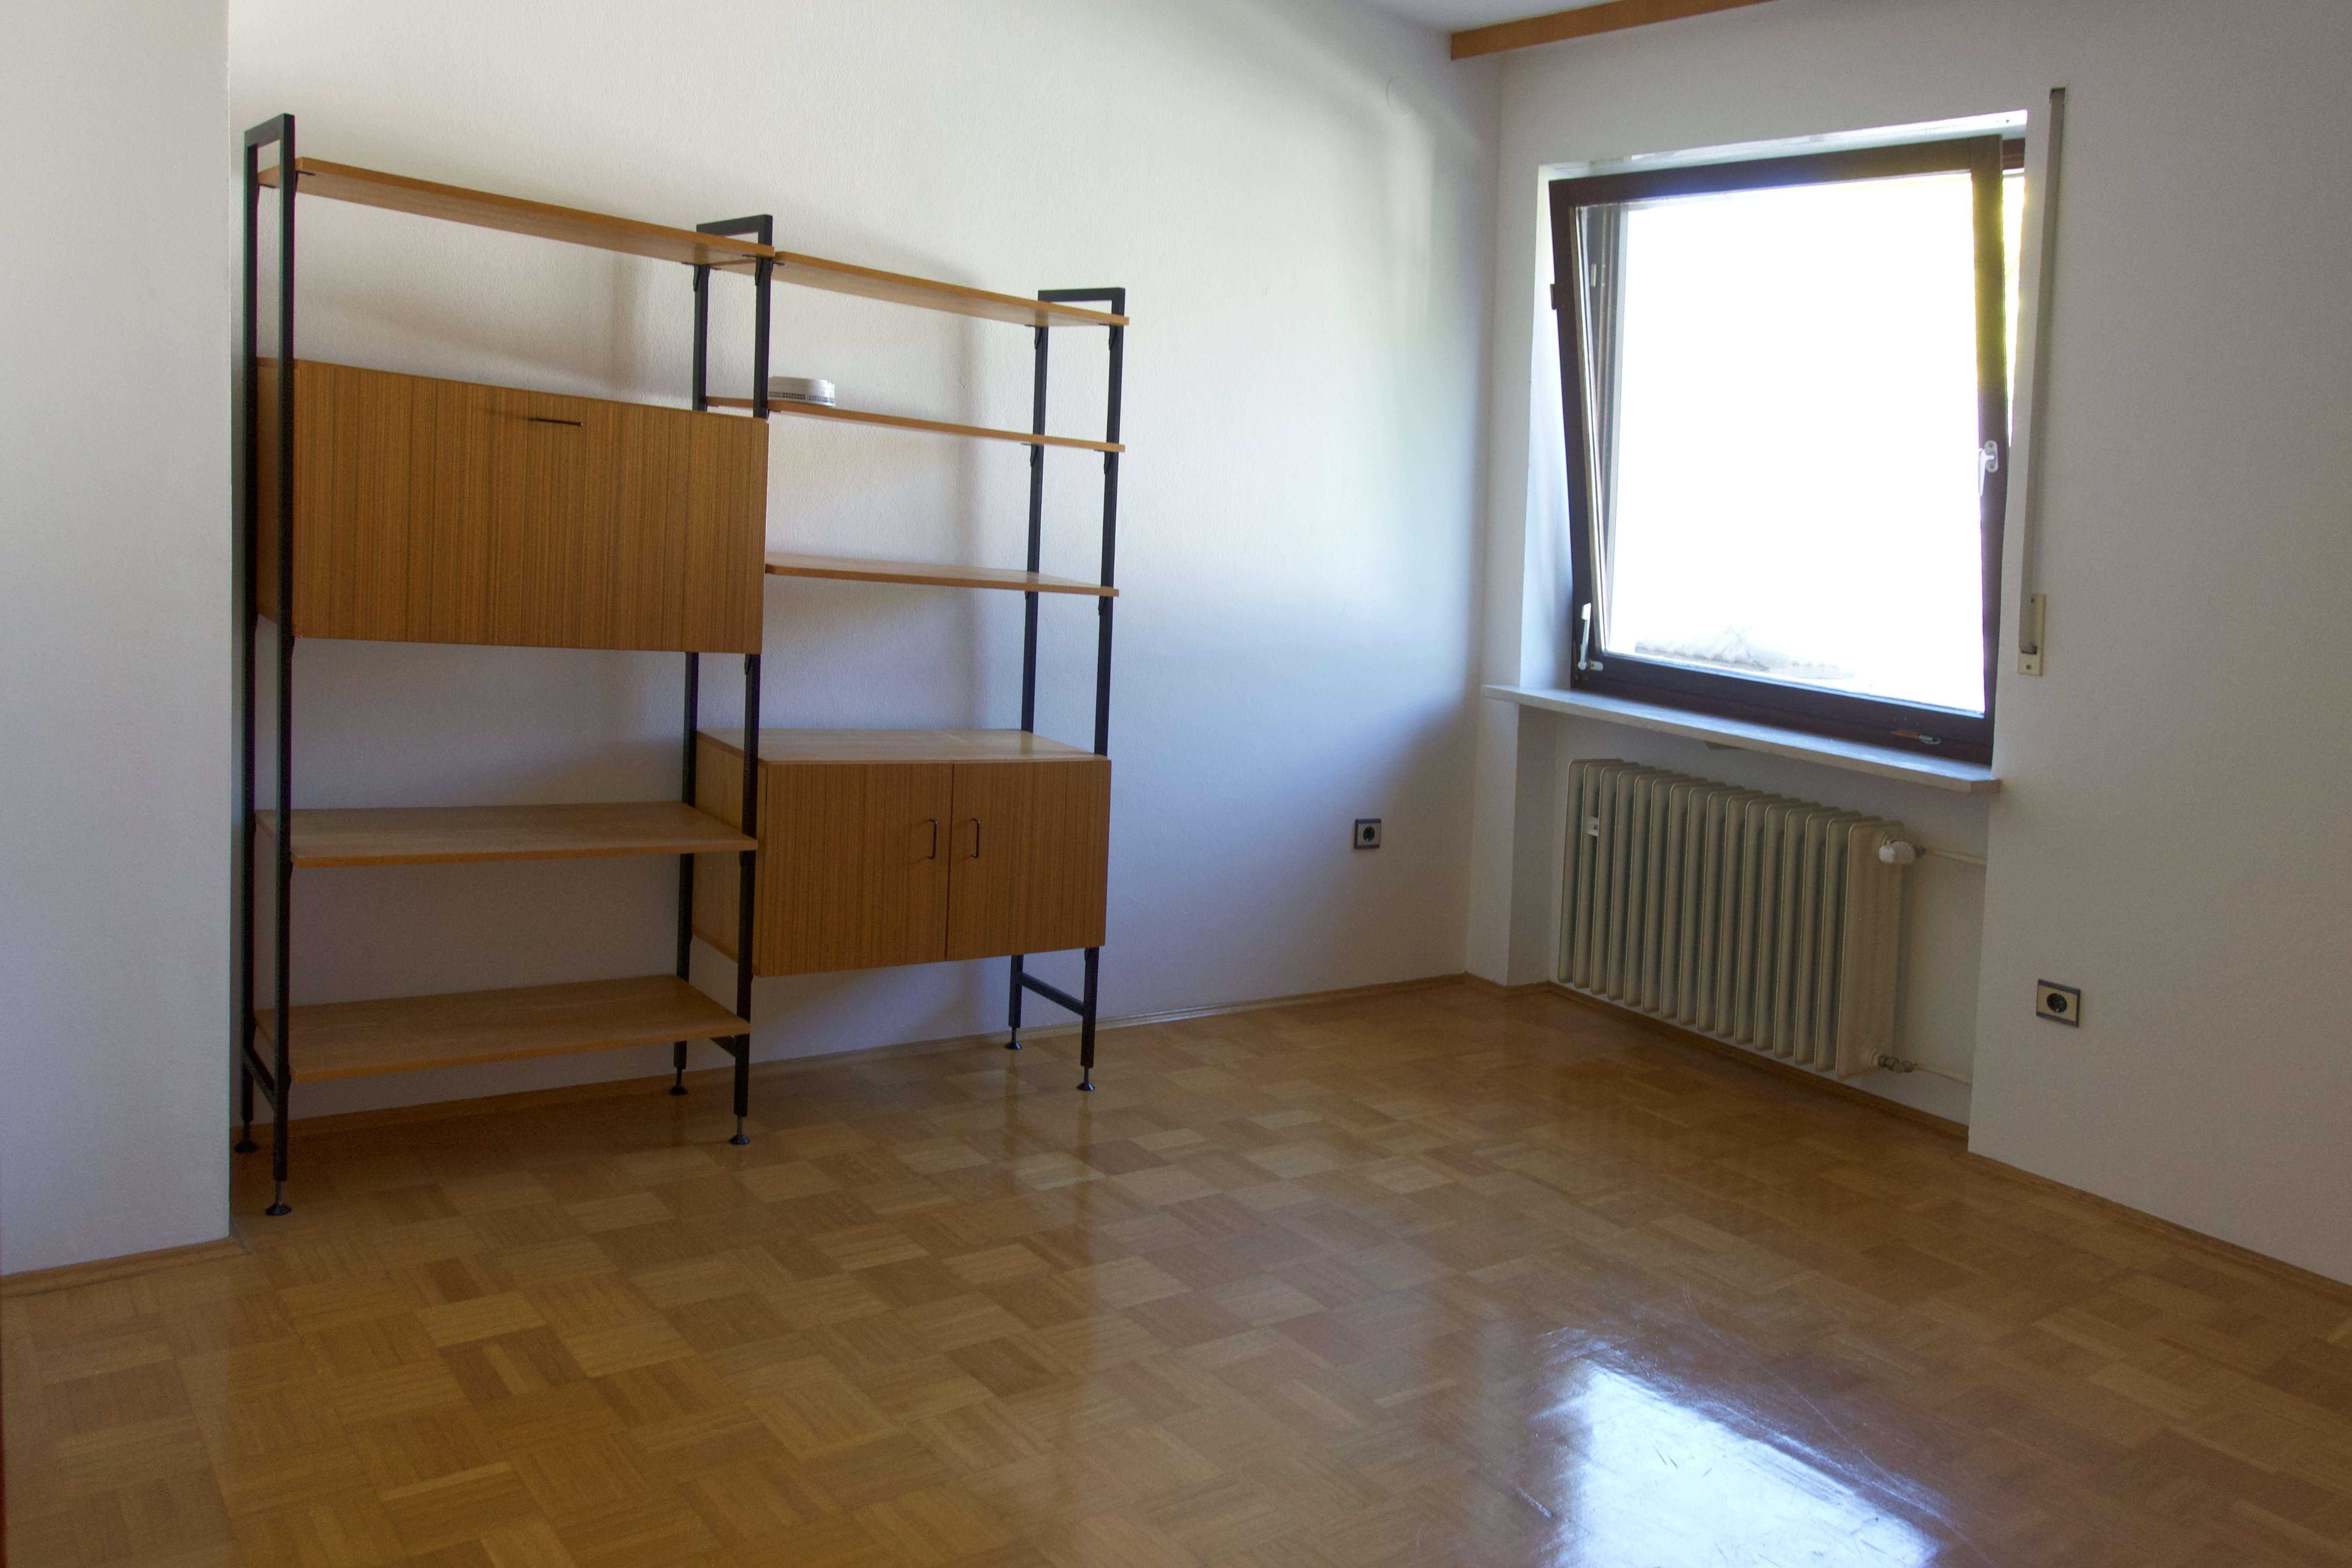 WG Zimmer mit 13qm + große Küche, Esszimmer, Bad, WC, Keller in Solln (München)